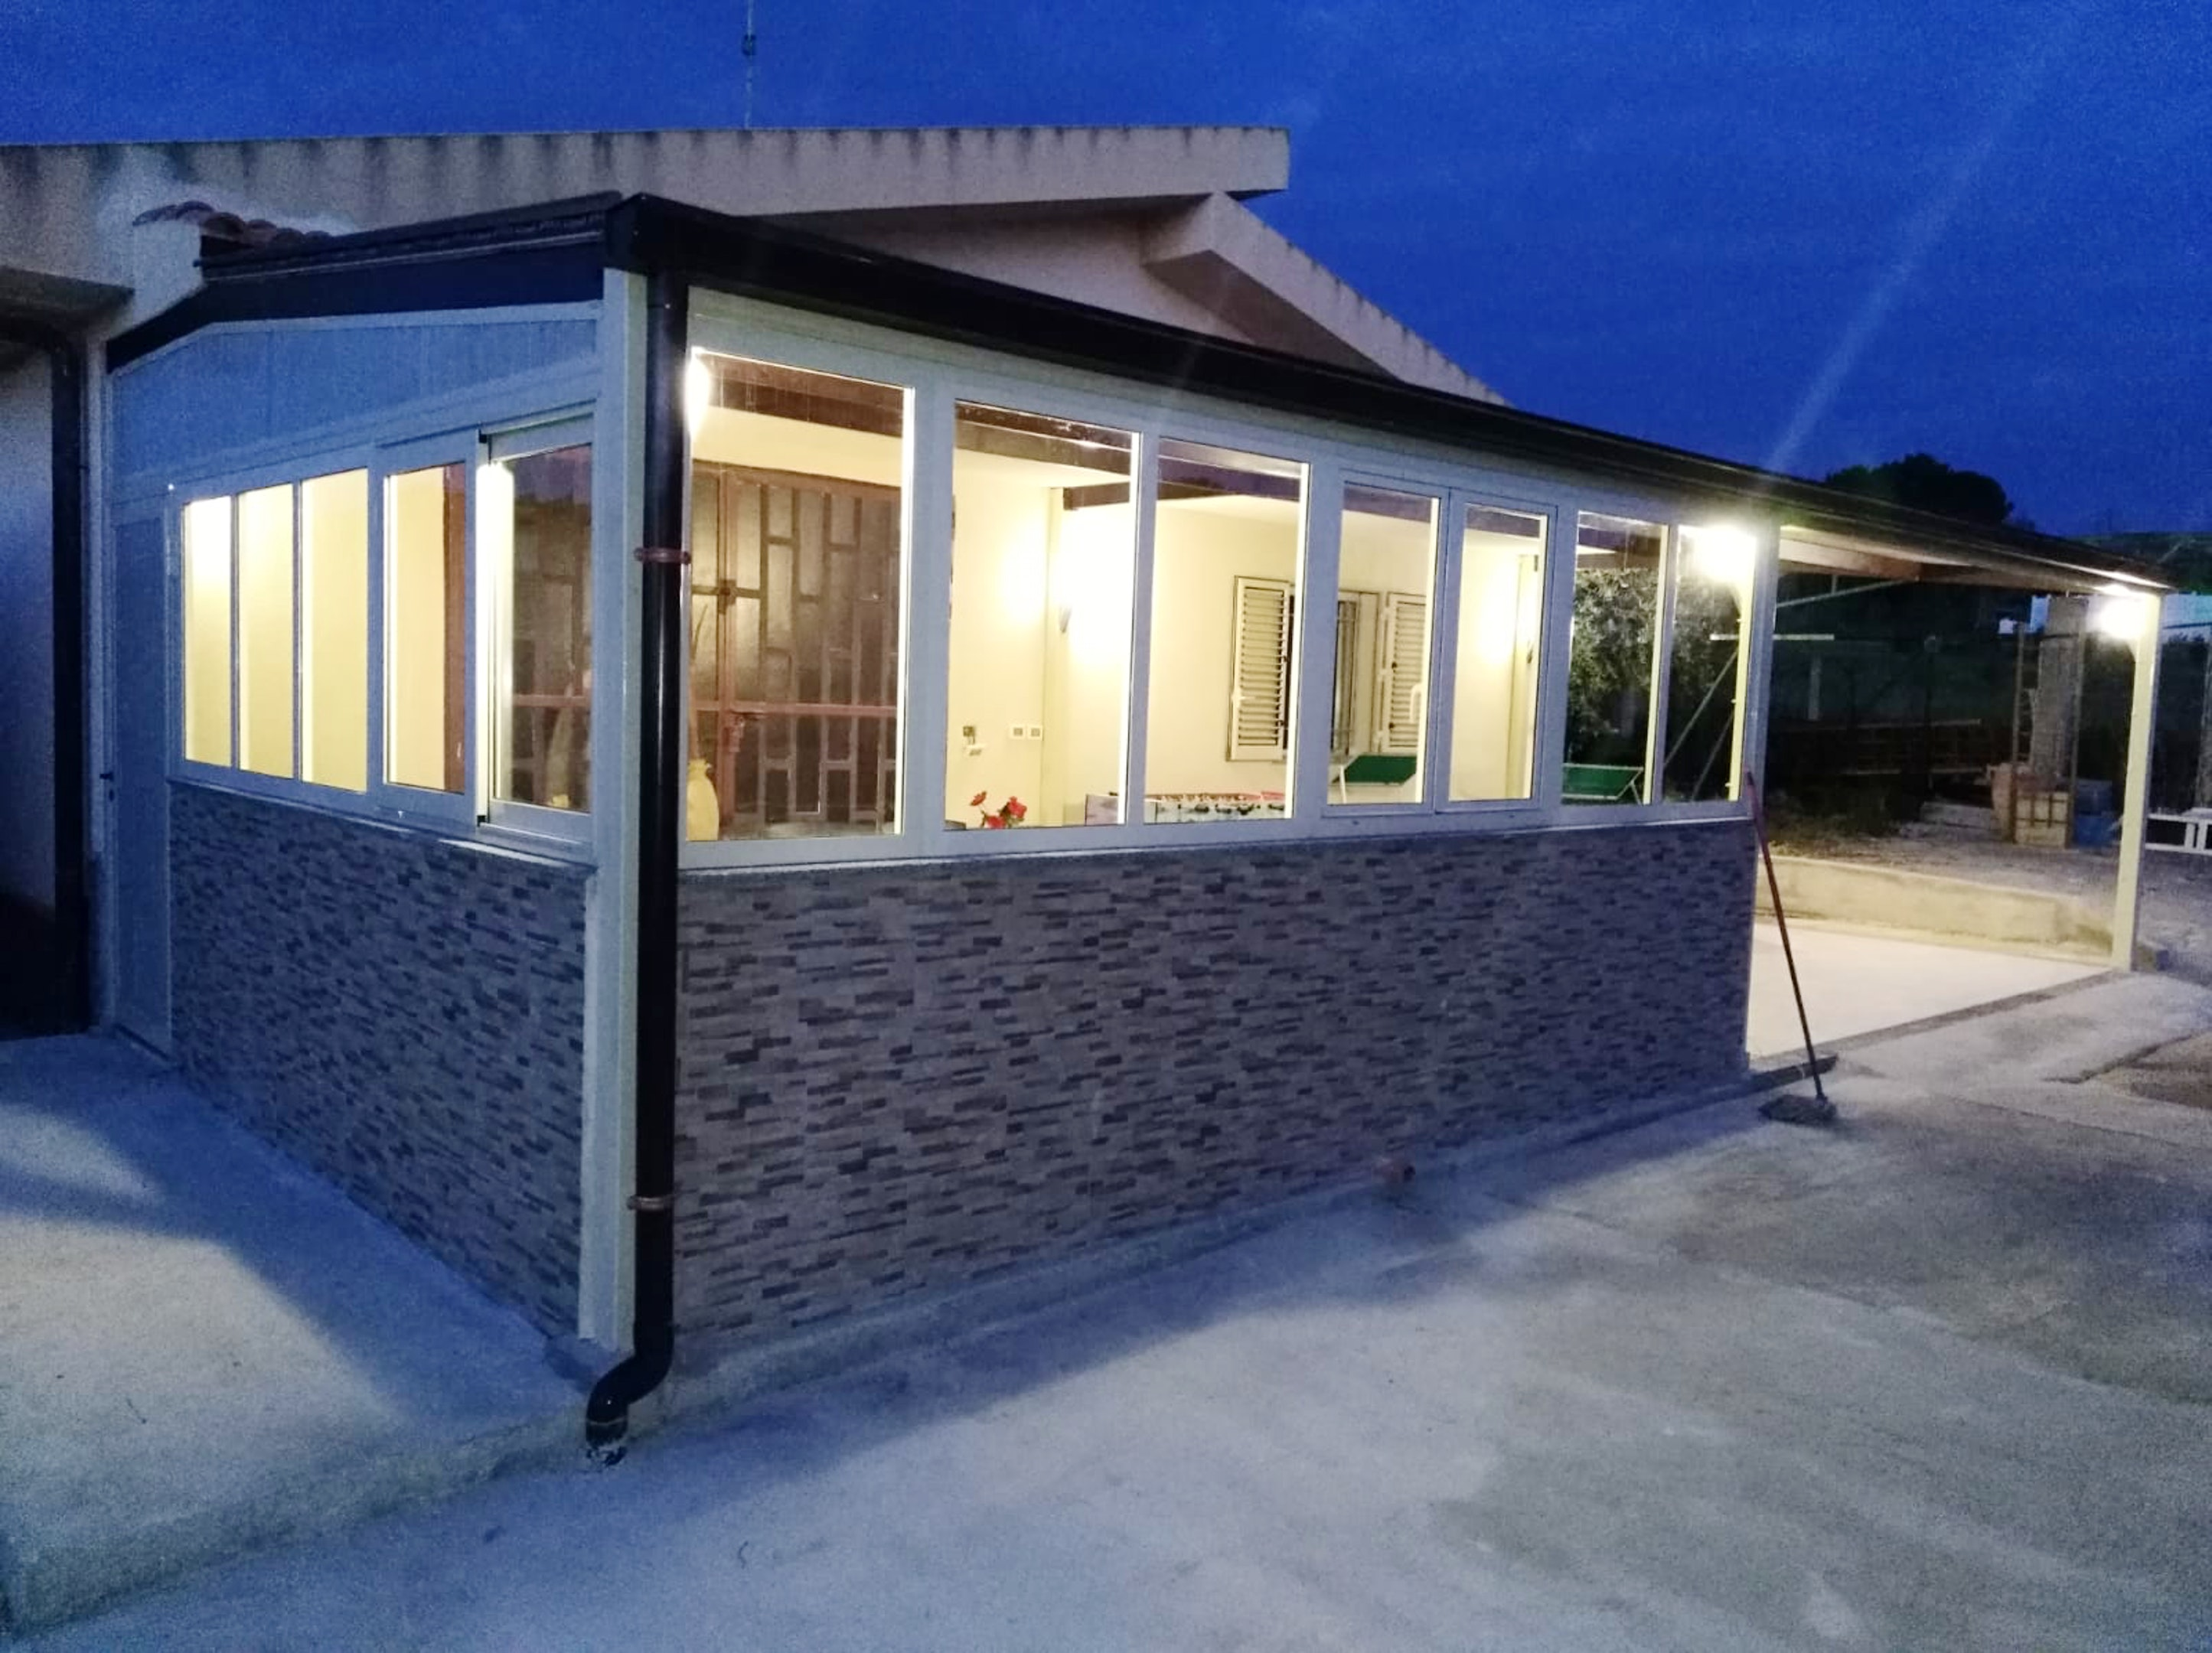 Maison de vacances Haus mit 3 Schlafzimmern in Menfi mit herrlichem Meerblick und eingezäuntem Garten - 1 km  (2707873), Menfi, Agrigento, Sicile, Italie, image 16